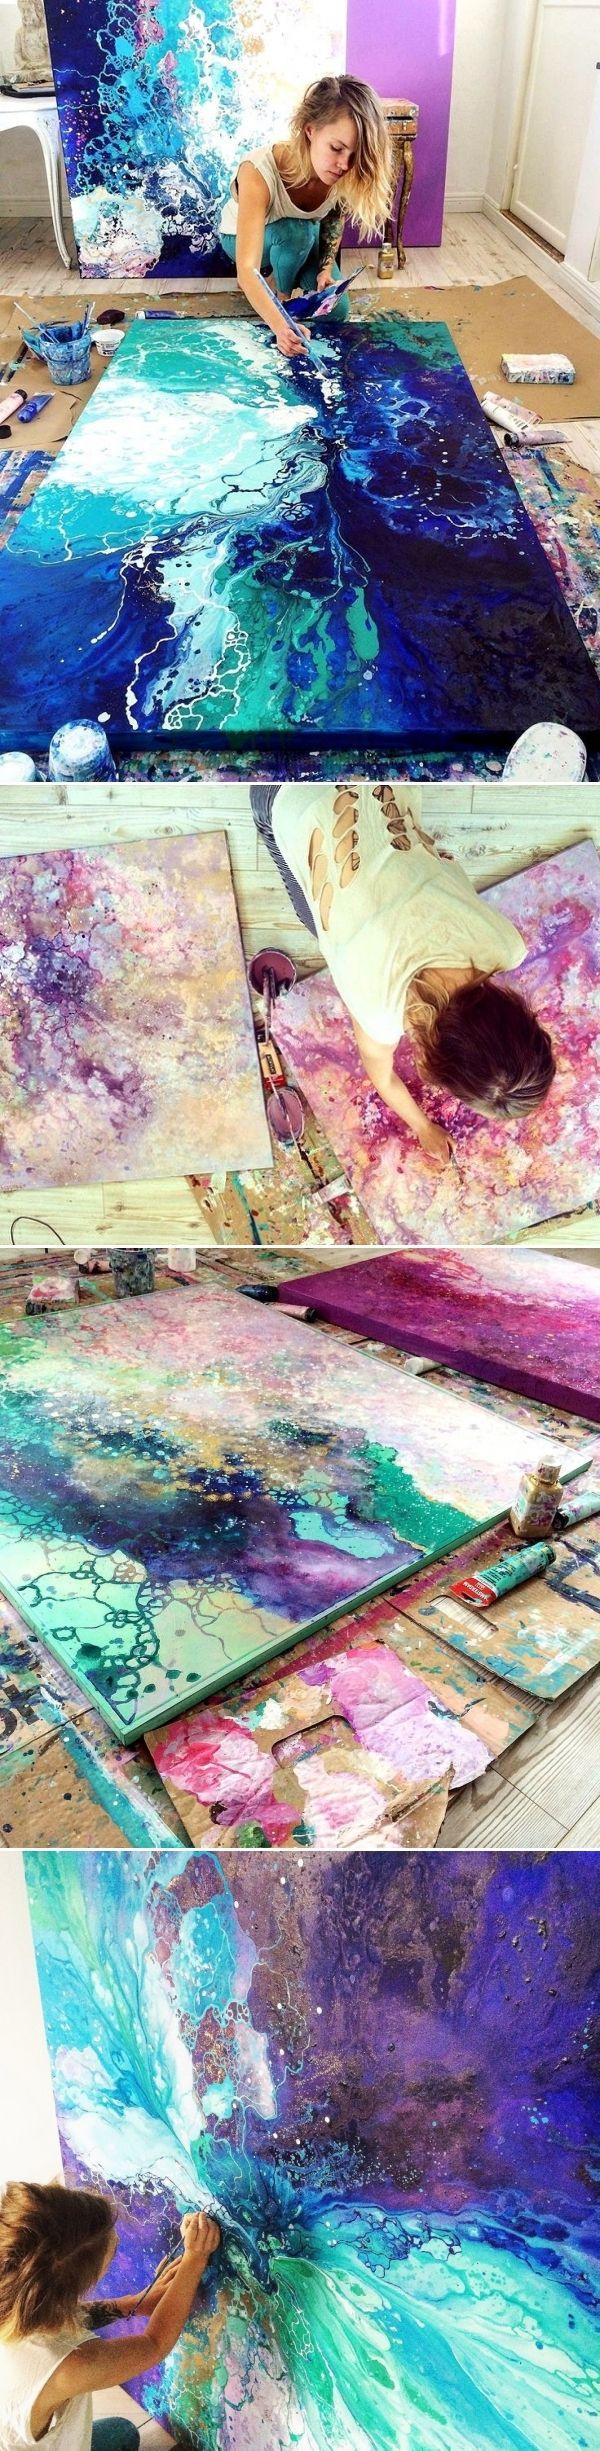 Необычные картины. картины, иссуство, Эмма Линдстрем, длиннопост